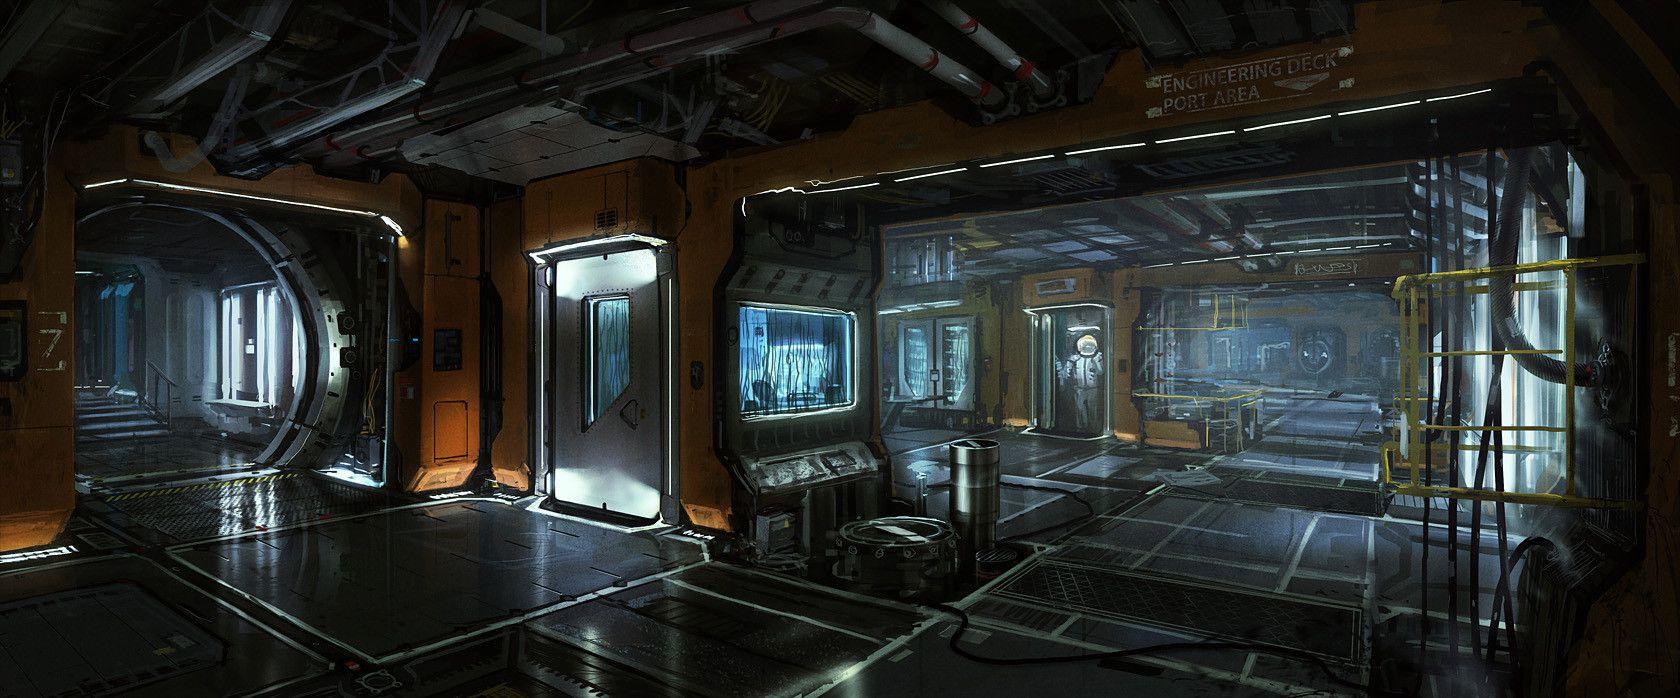 spaceship interior concept art spaceship interiors. Black Bedroom Furniture Sets. Home Design Ideas